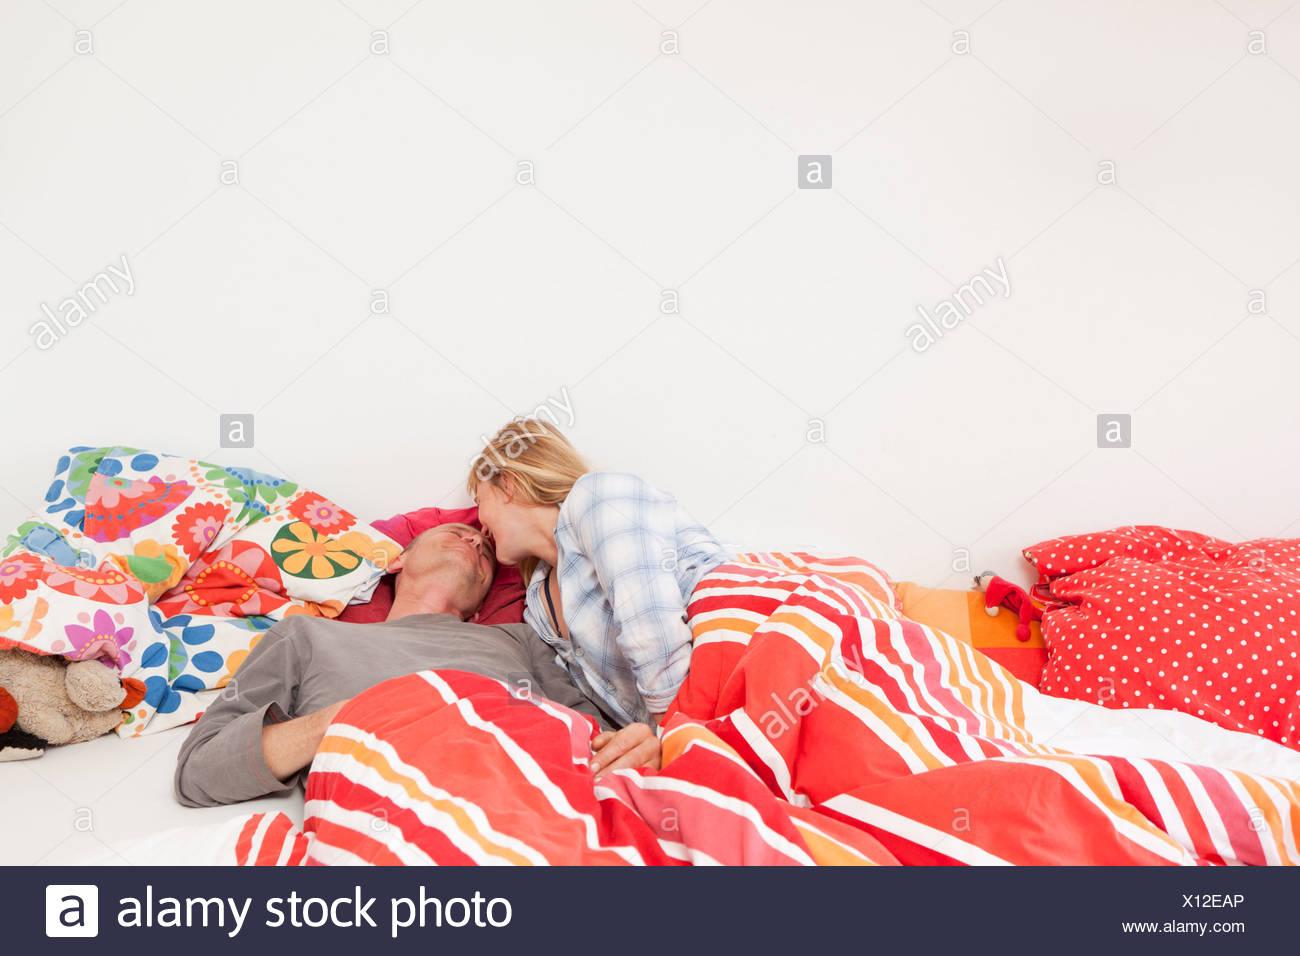 Foto Op Kussen : Paar küssen im bett stockfoto bild alamy